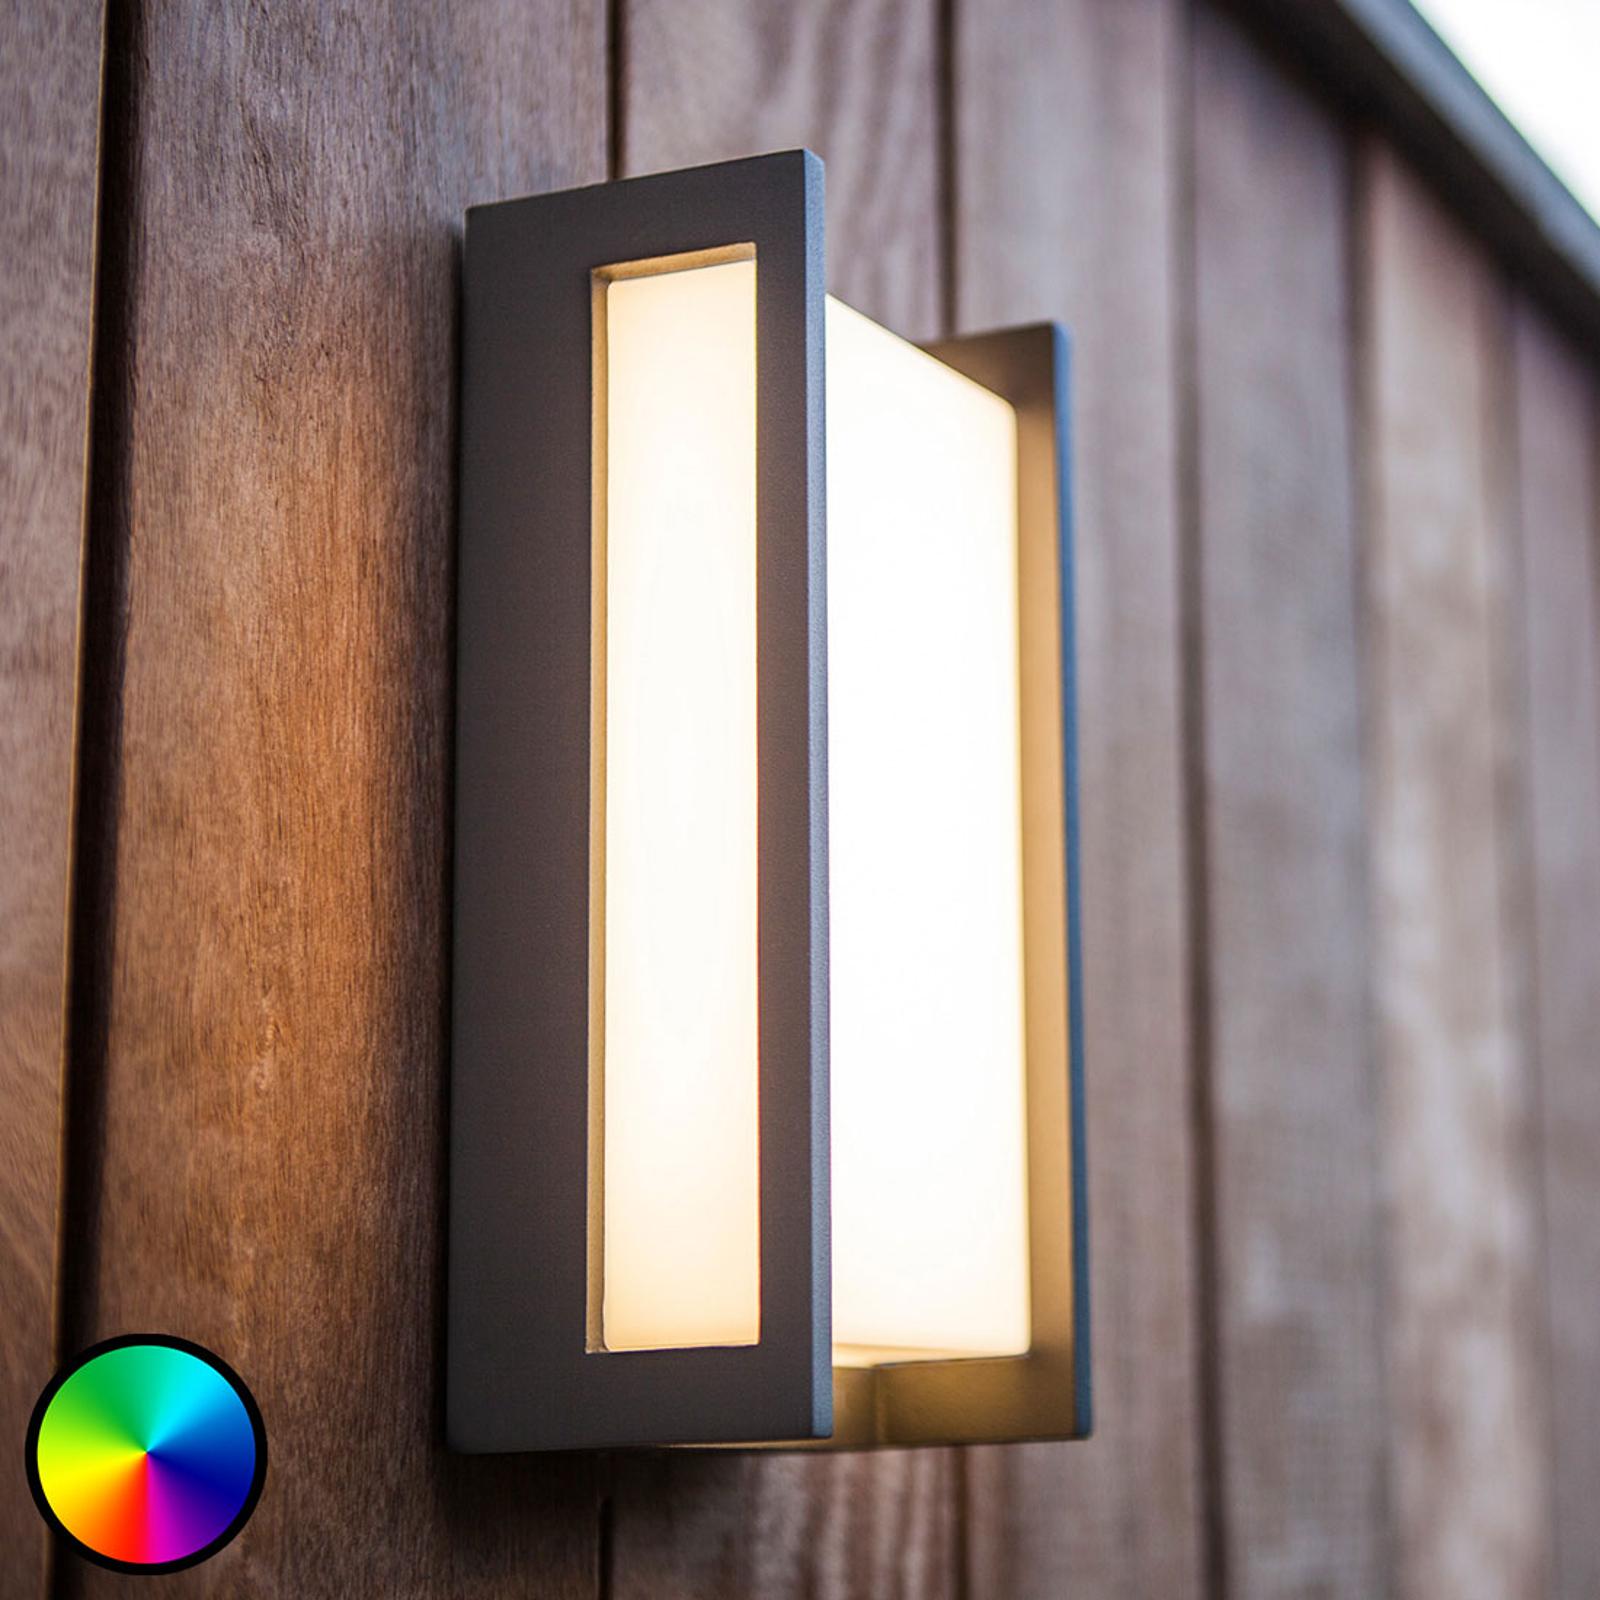 WiZ LED buitenwandlamp Qubo